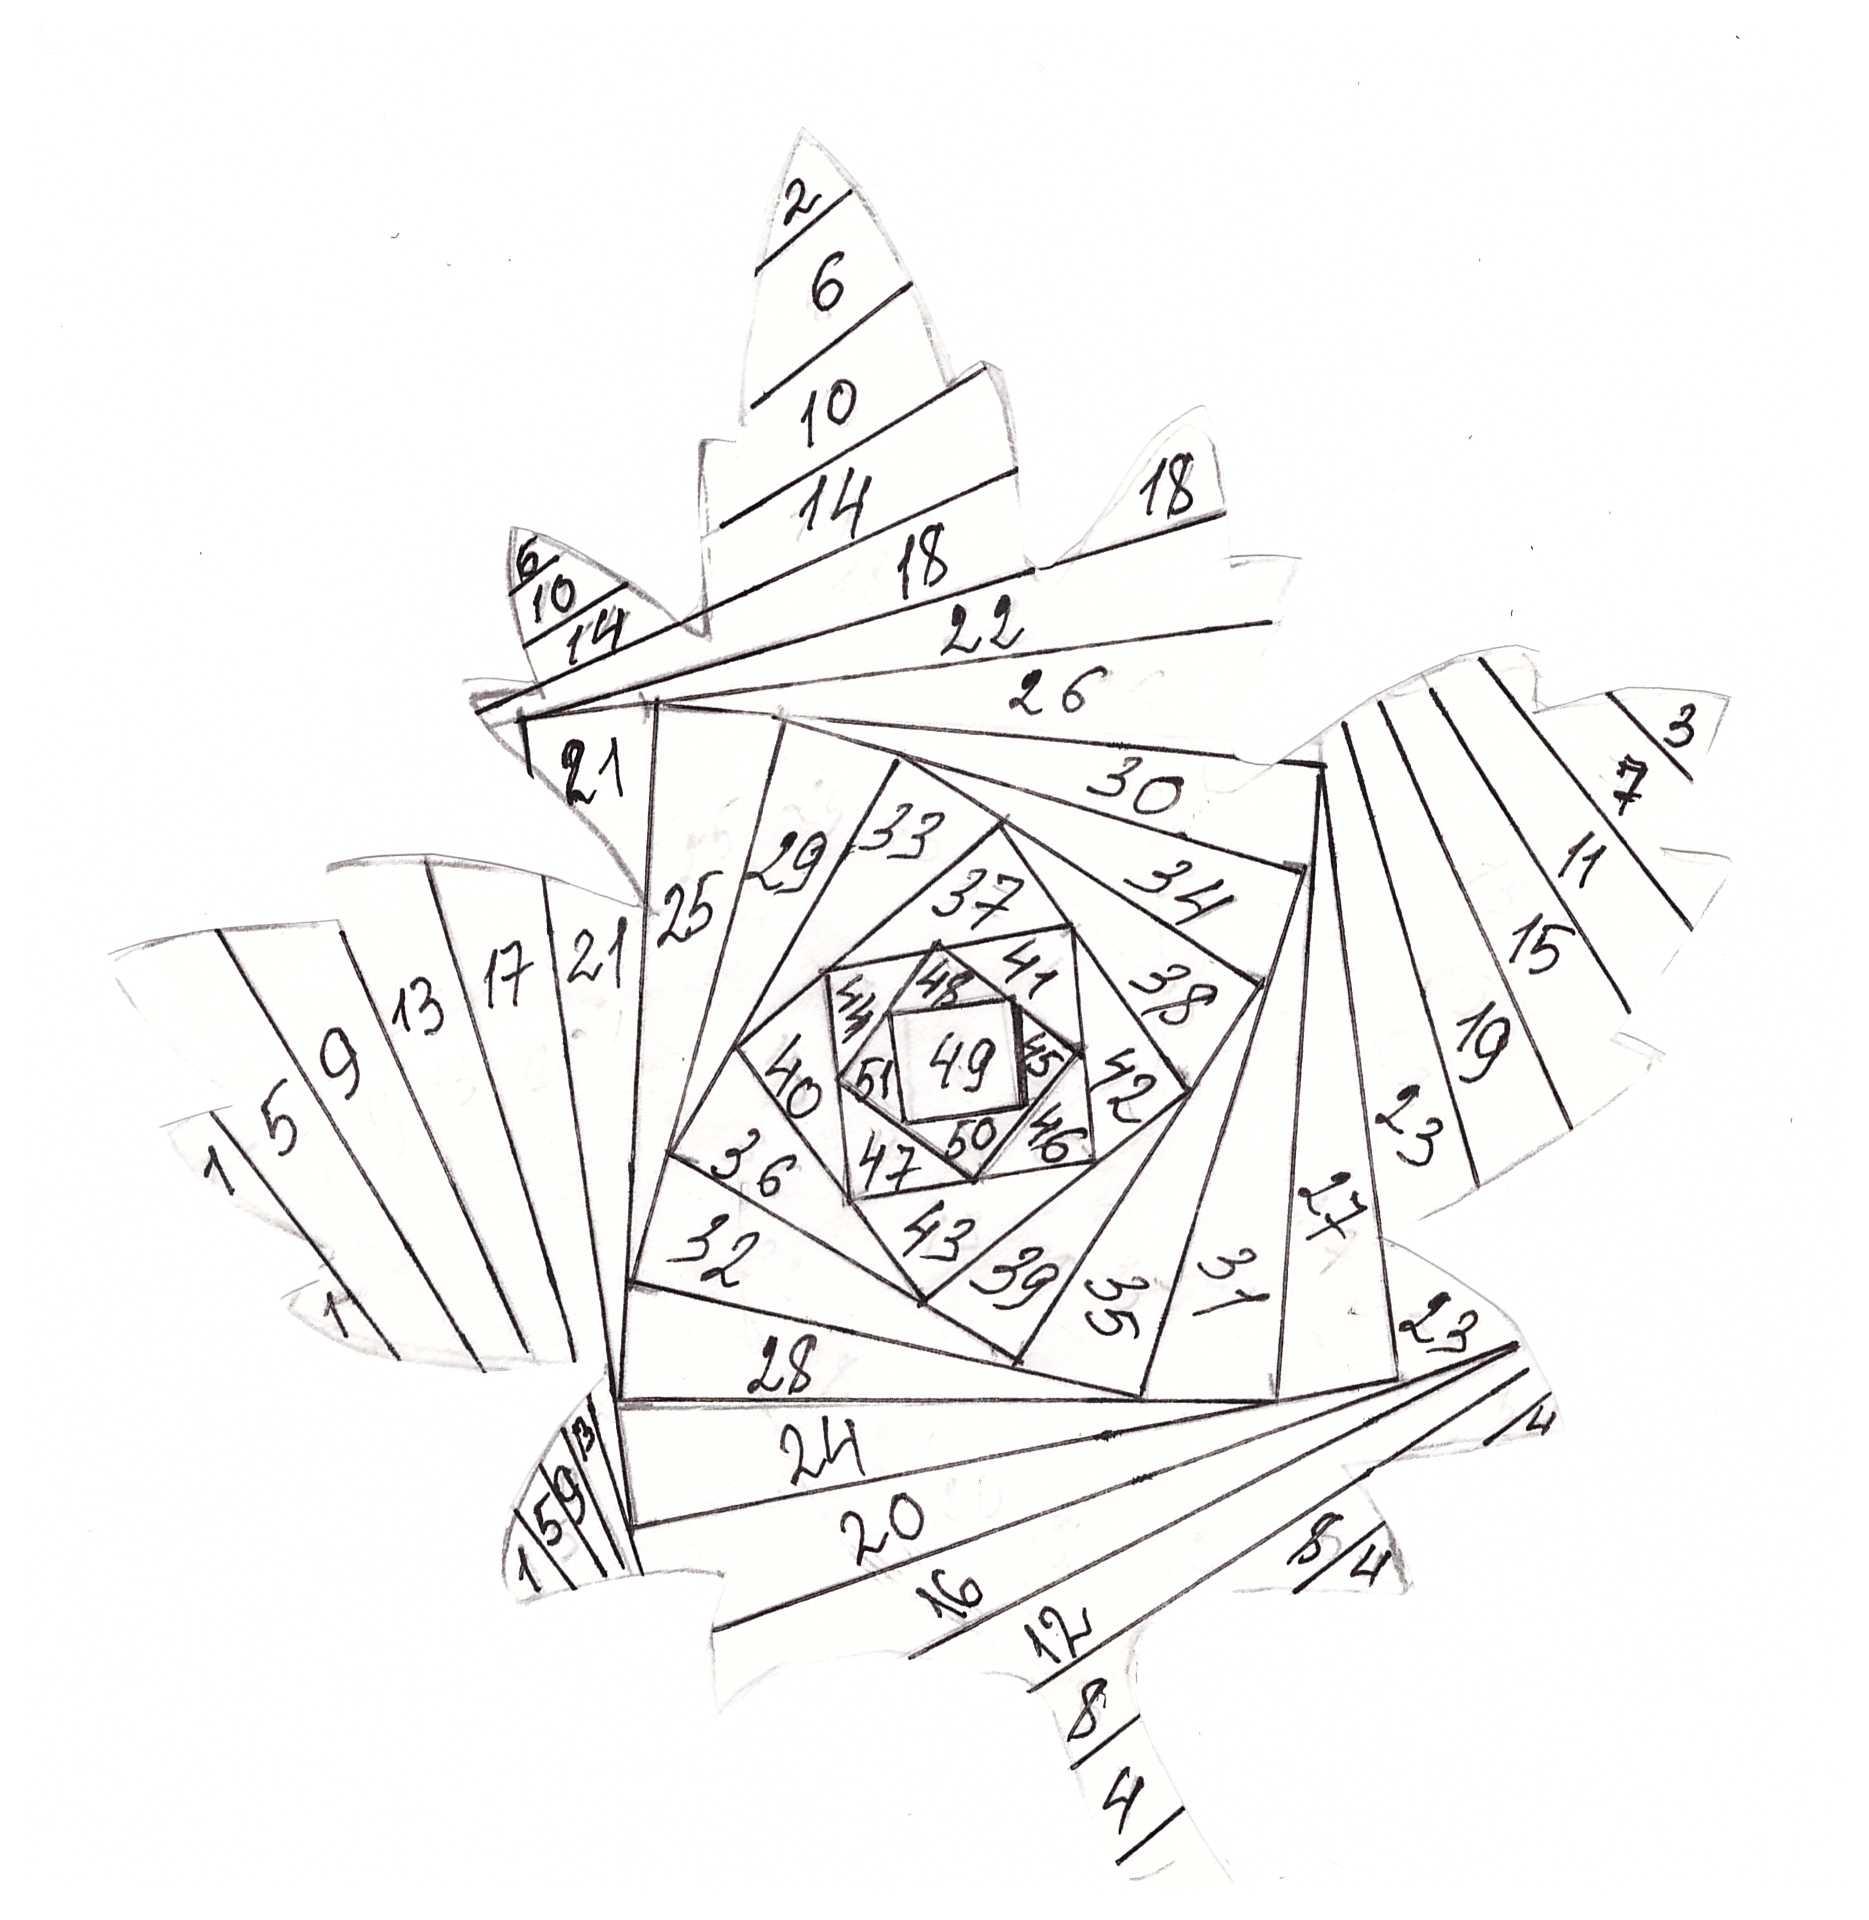 кленовый лист (айрес фолдинг)